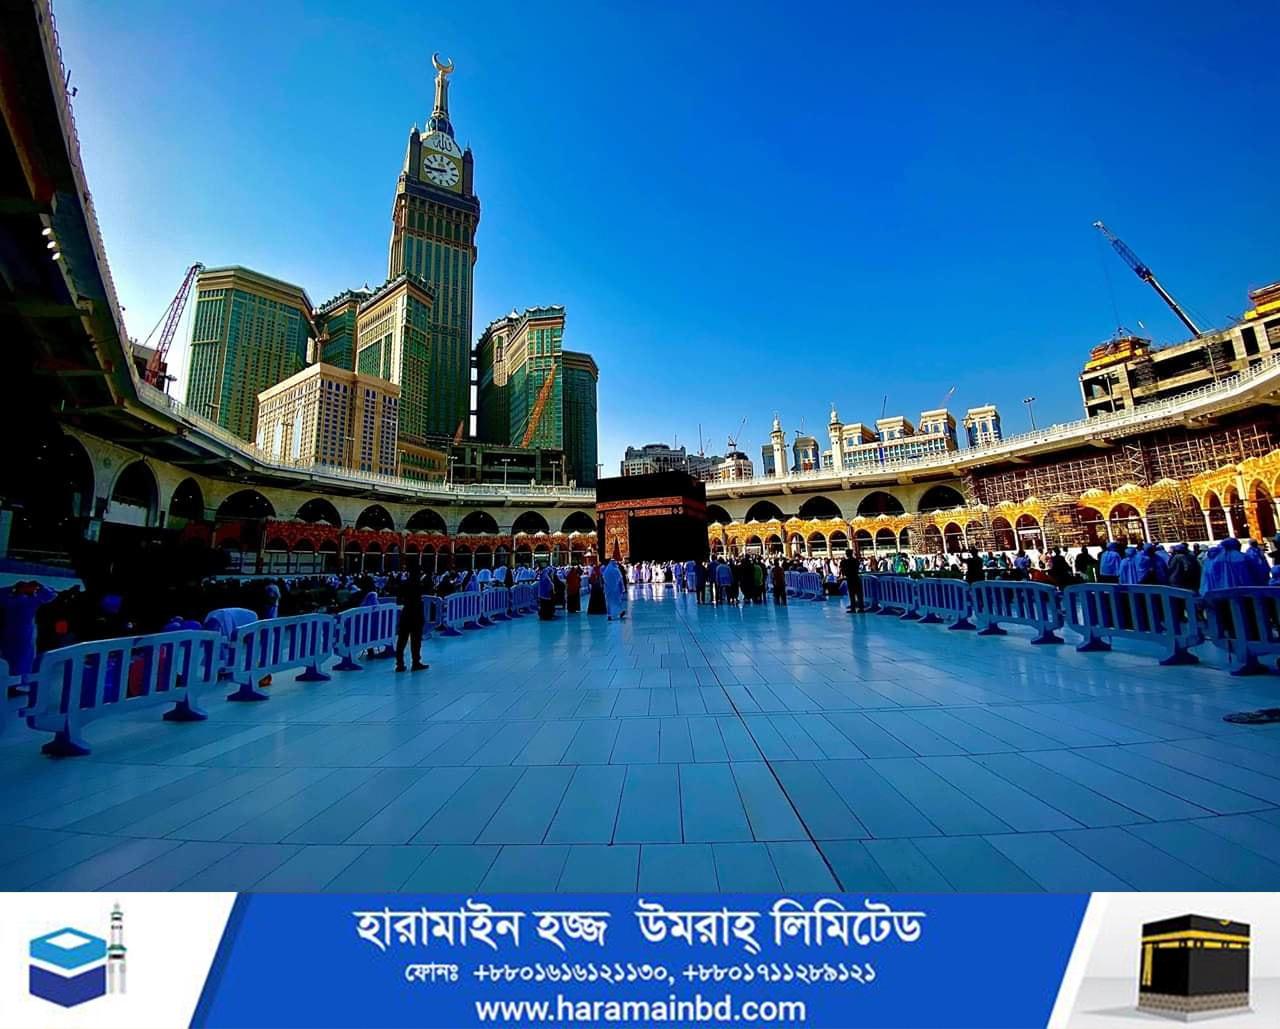 Makkah-01-14-10